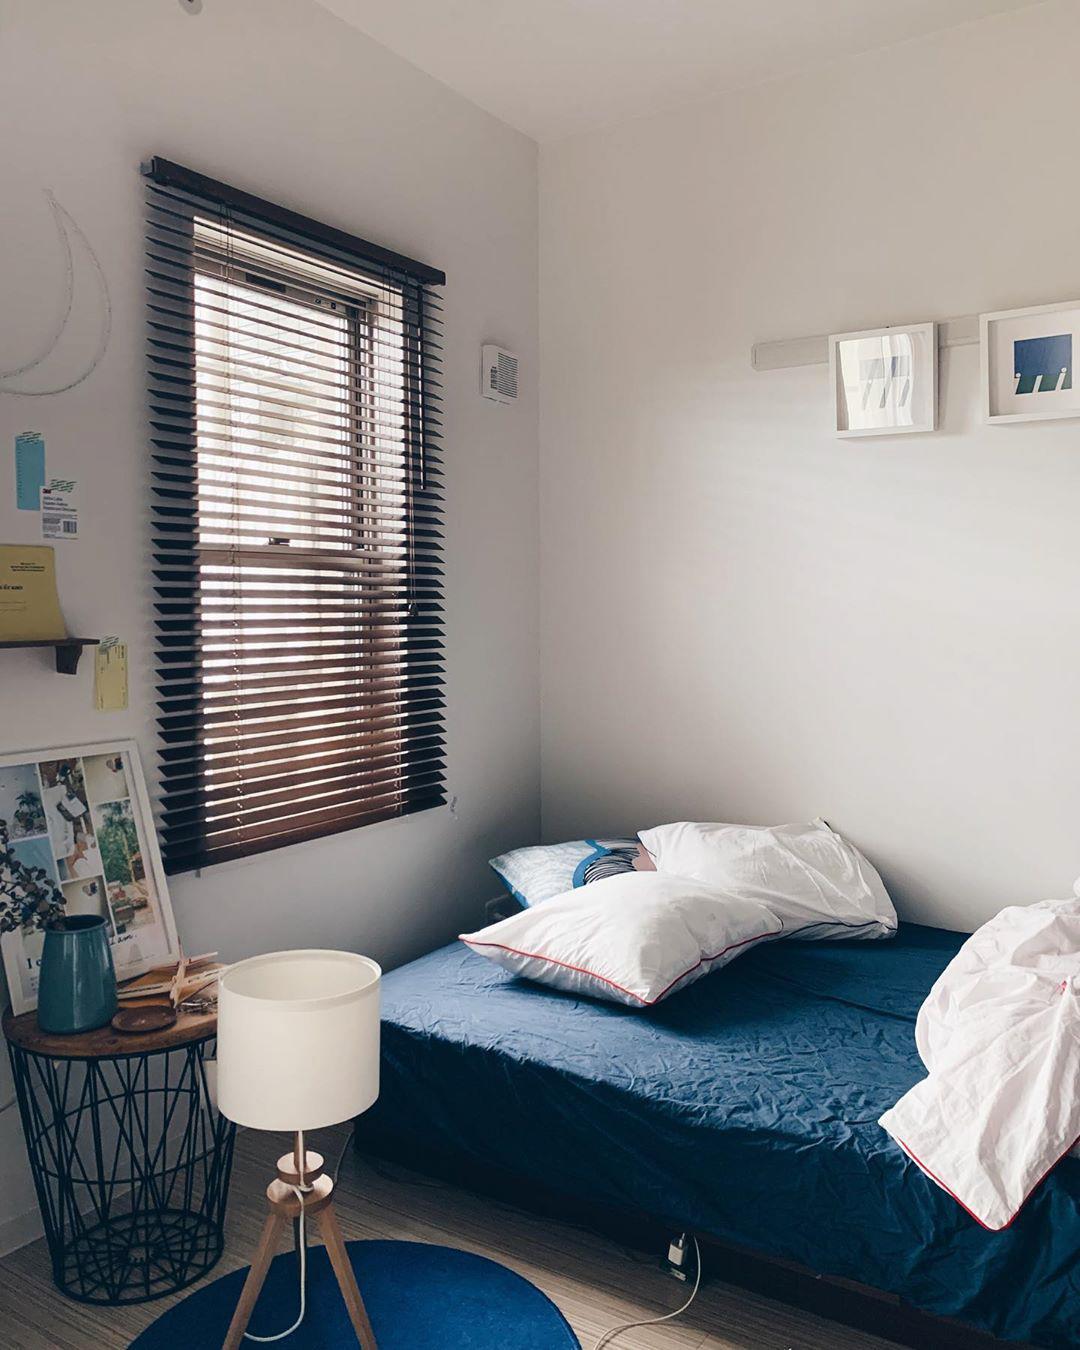 ベッドルームはダークブルーで落ち着いた空間に。